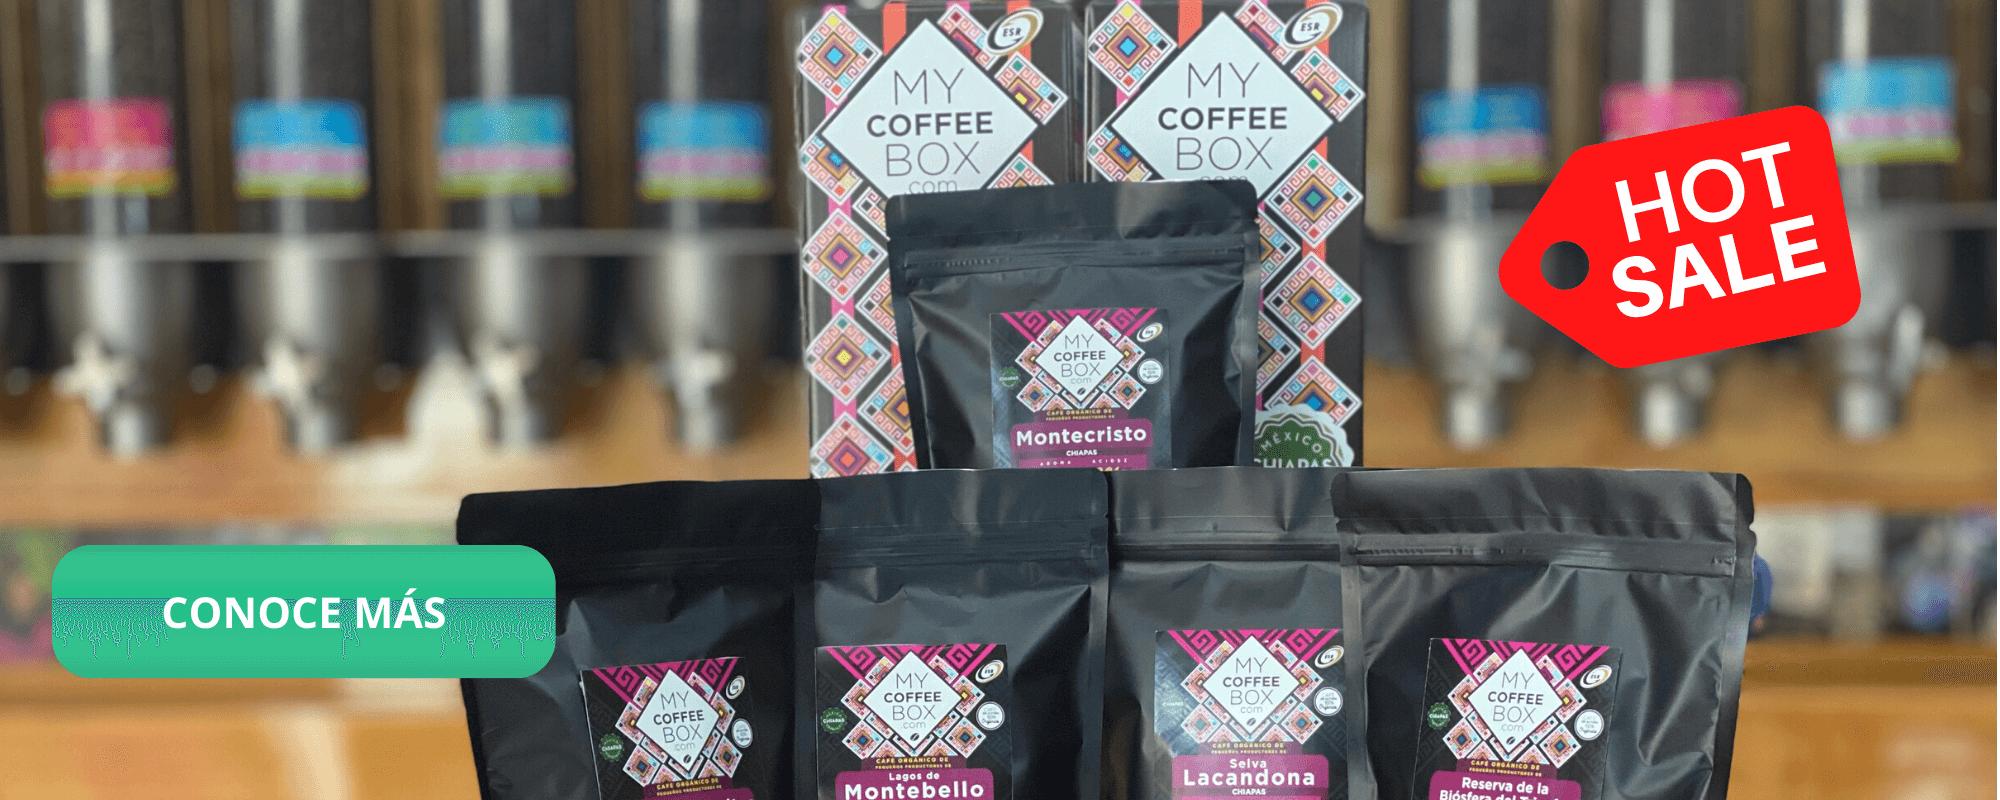 promocion hotsale mycoffeebox descuento